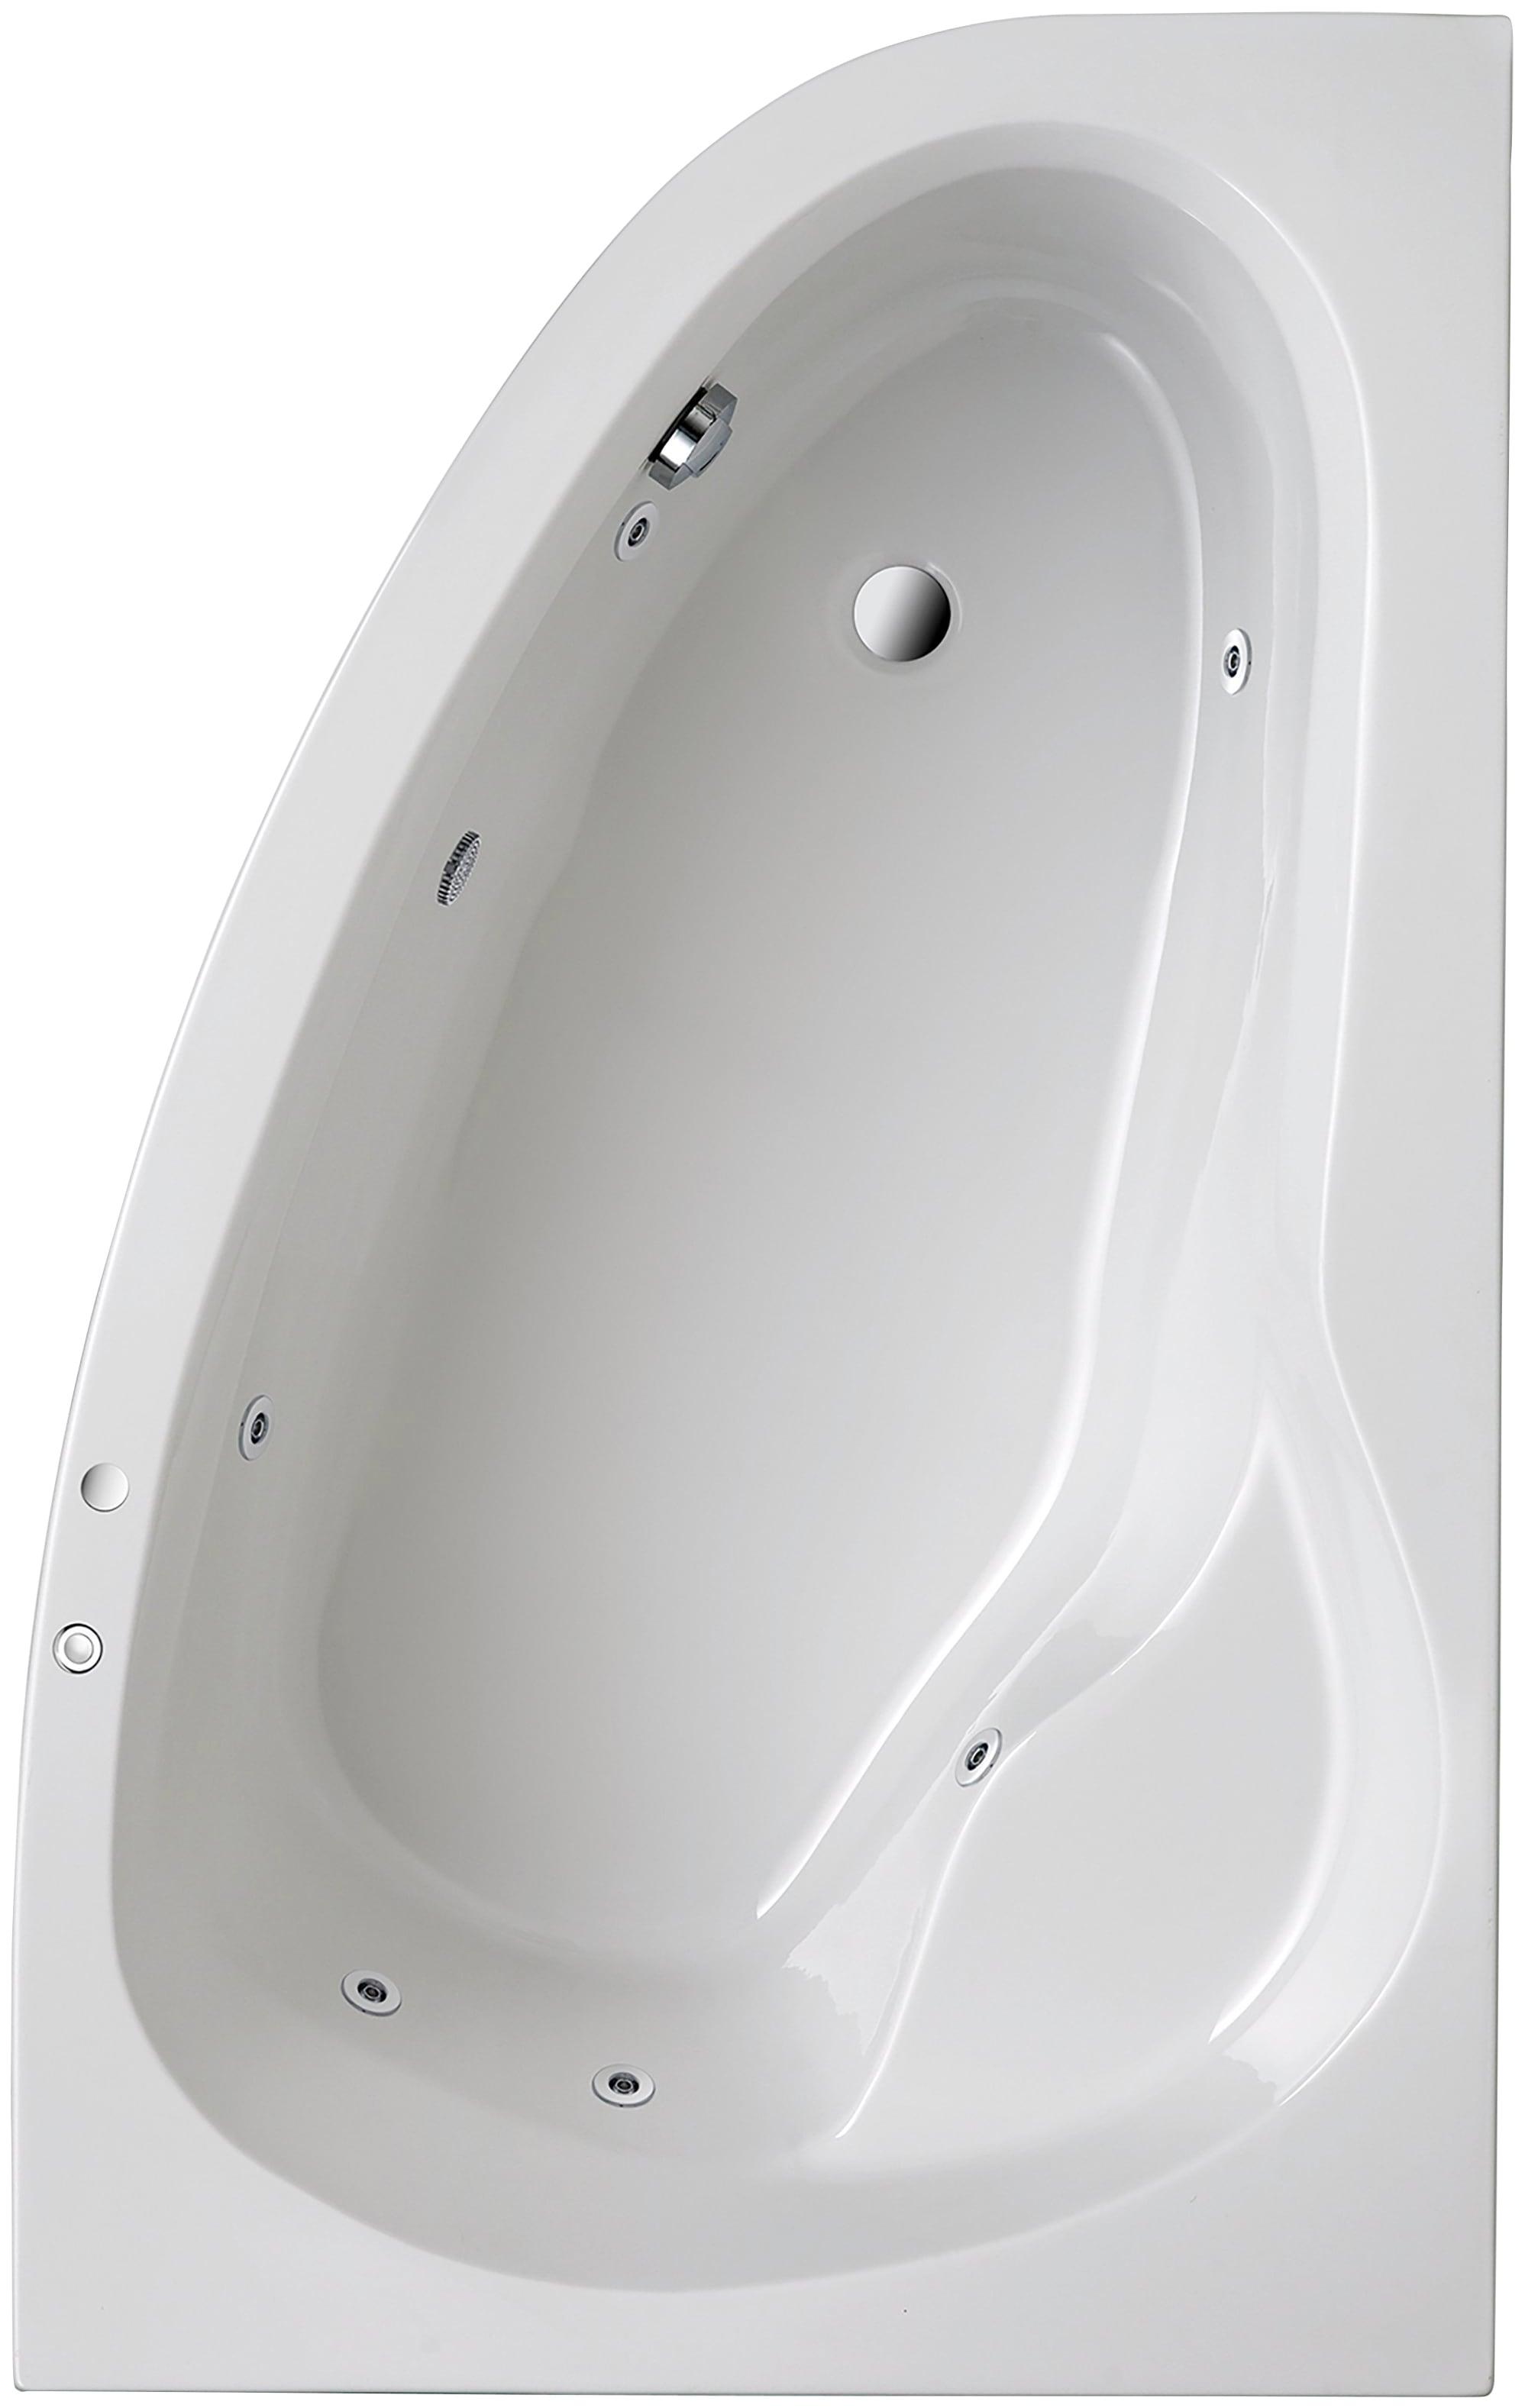 OTTOFOND Eckwanne »Loredana«, B/T/H in cm: 175/110/56, mit Whirlpool-System | Bad > Badewannen & Whirlpools > Eckbadewannen | Weiß | OTTOFOND